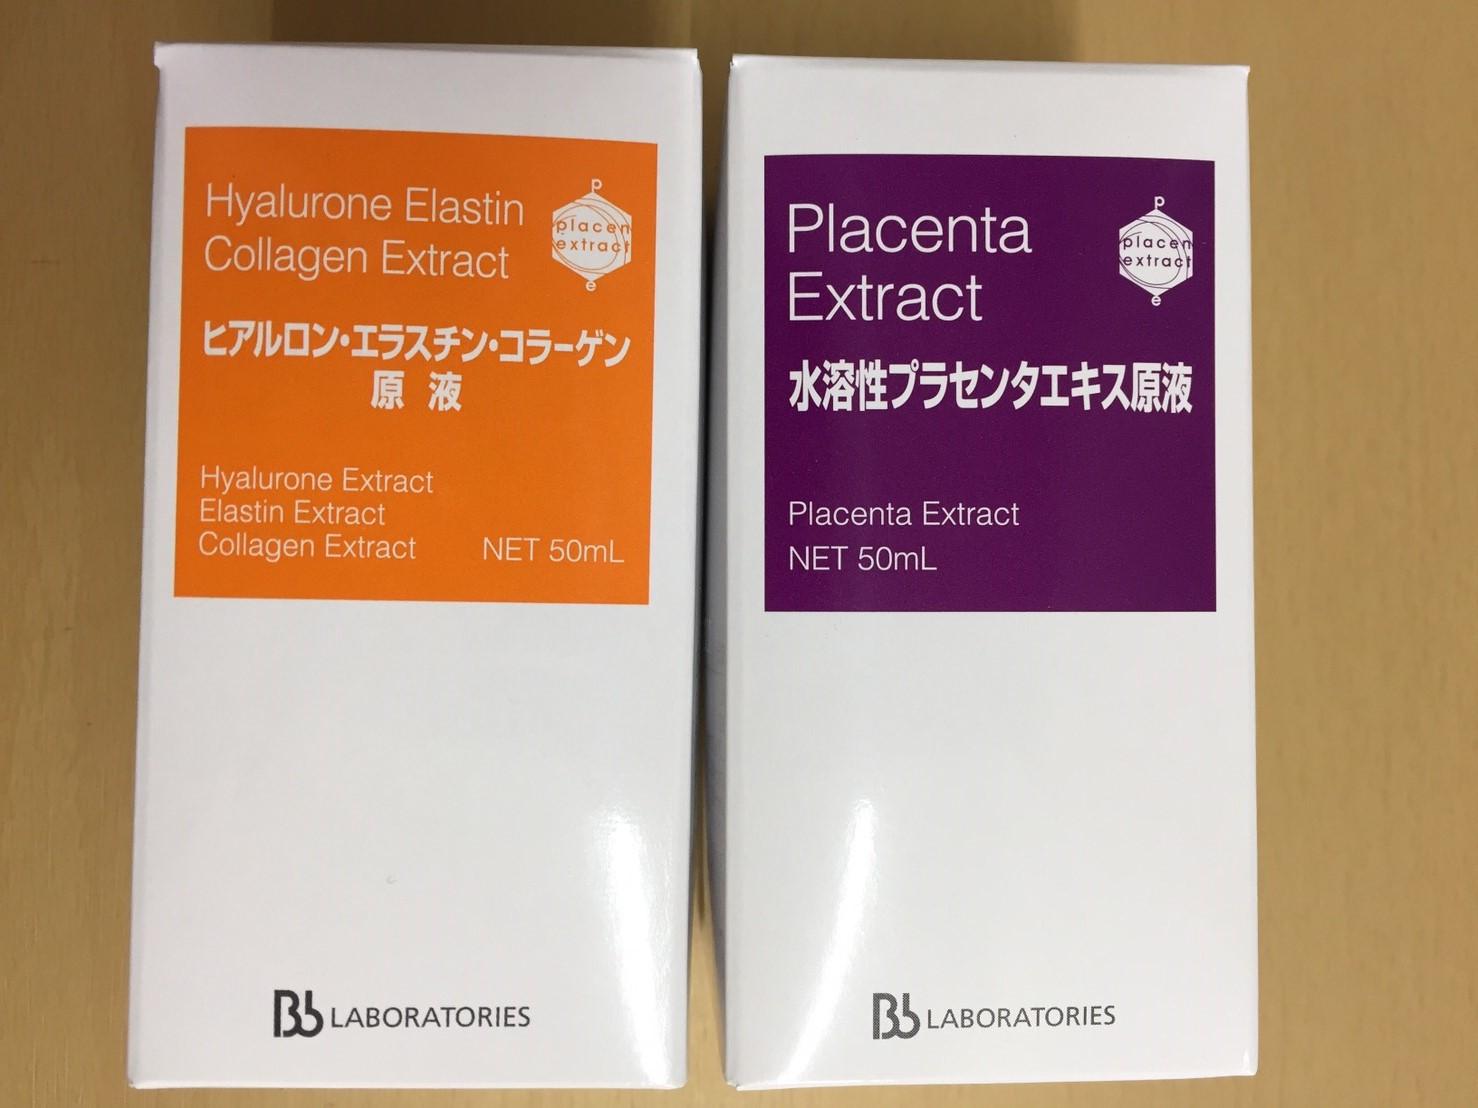 水溶性プラセンタエキス&ヒアルロン エラスチン コラーゲン 50ml 2種セット